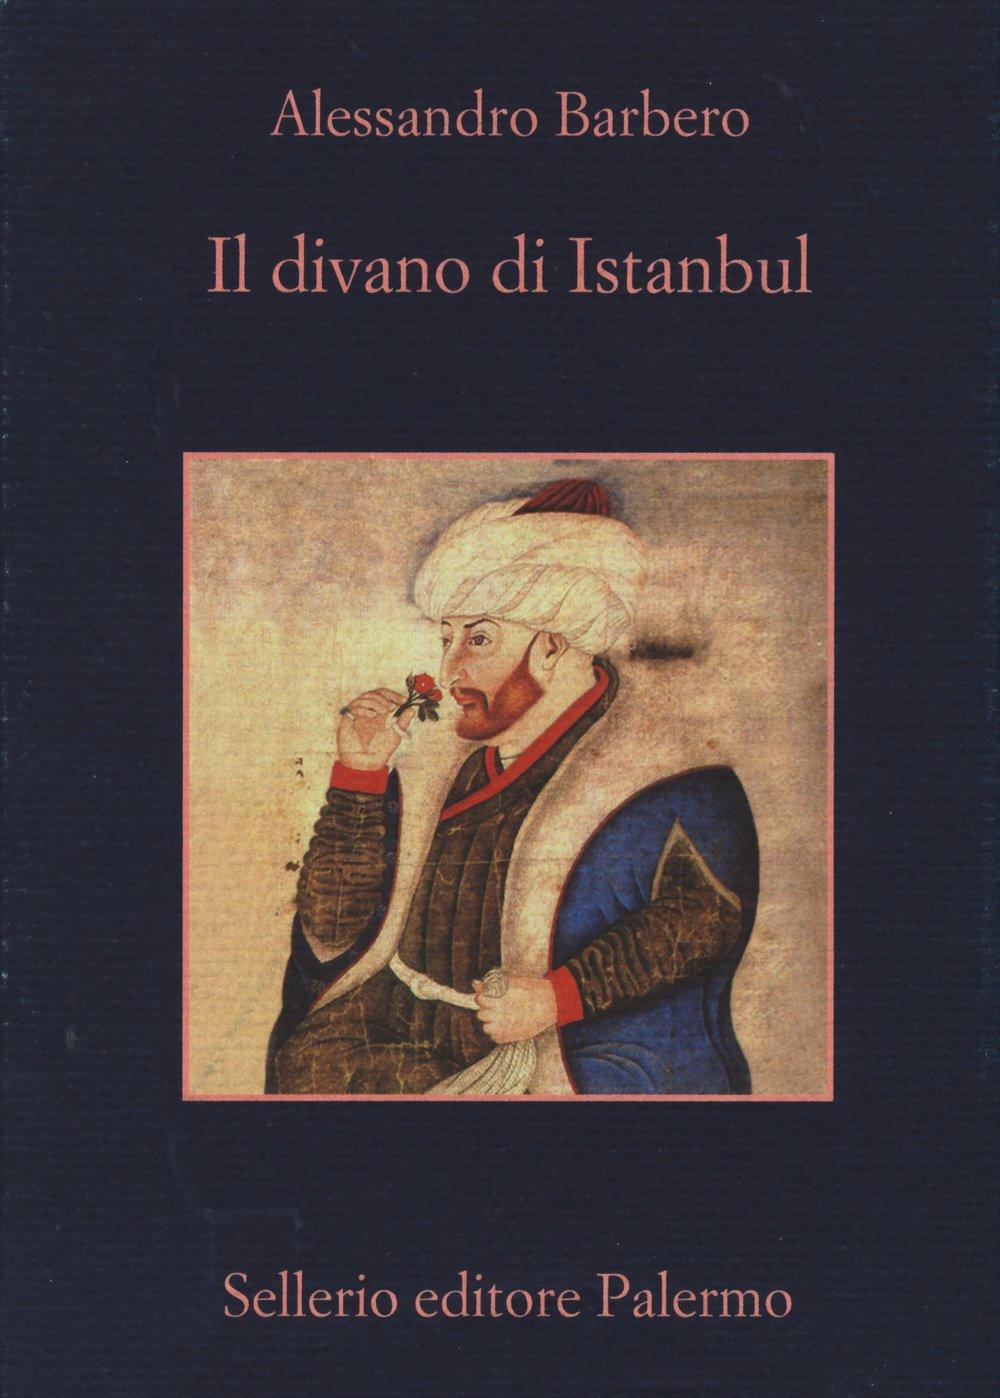 Libri di alessandro barbero - il divano di instabul  (italiano) copertina flessibile 8838933529